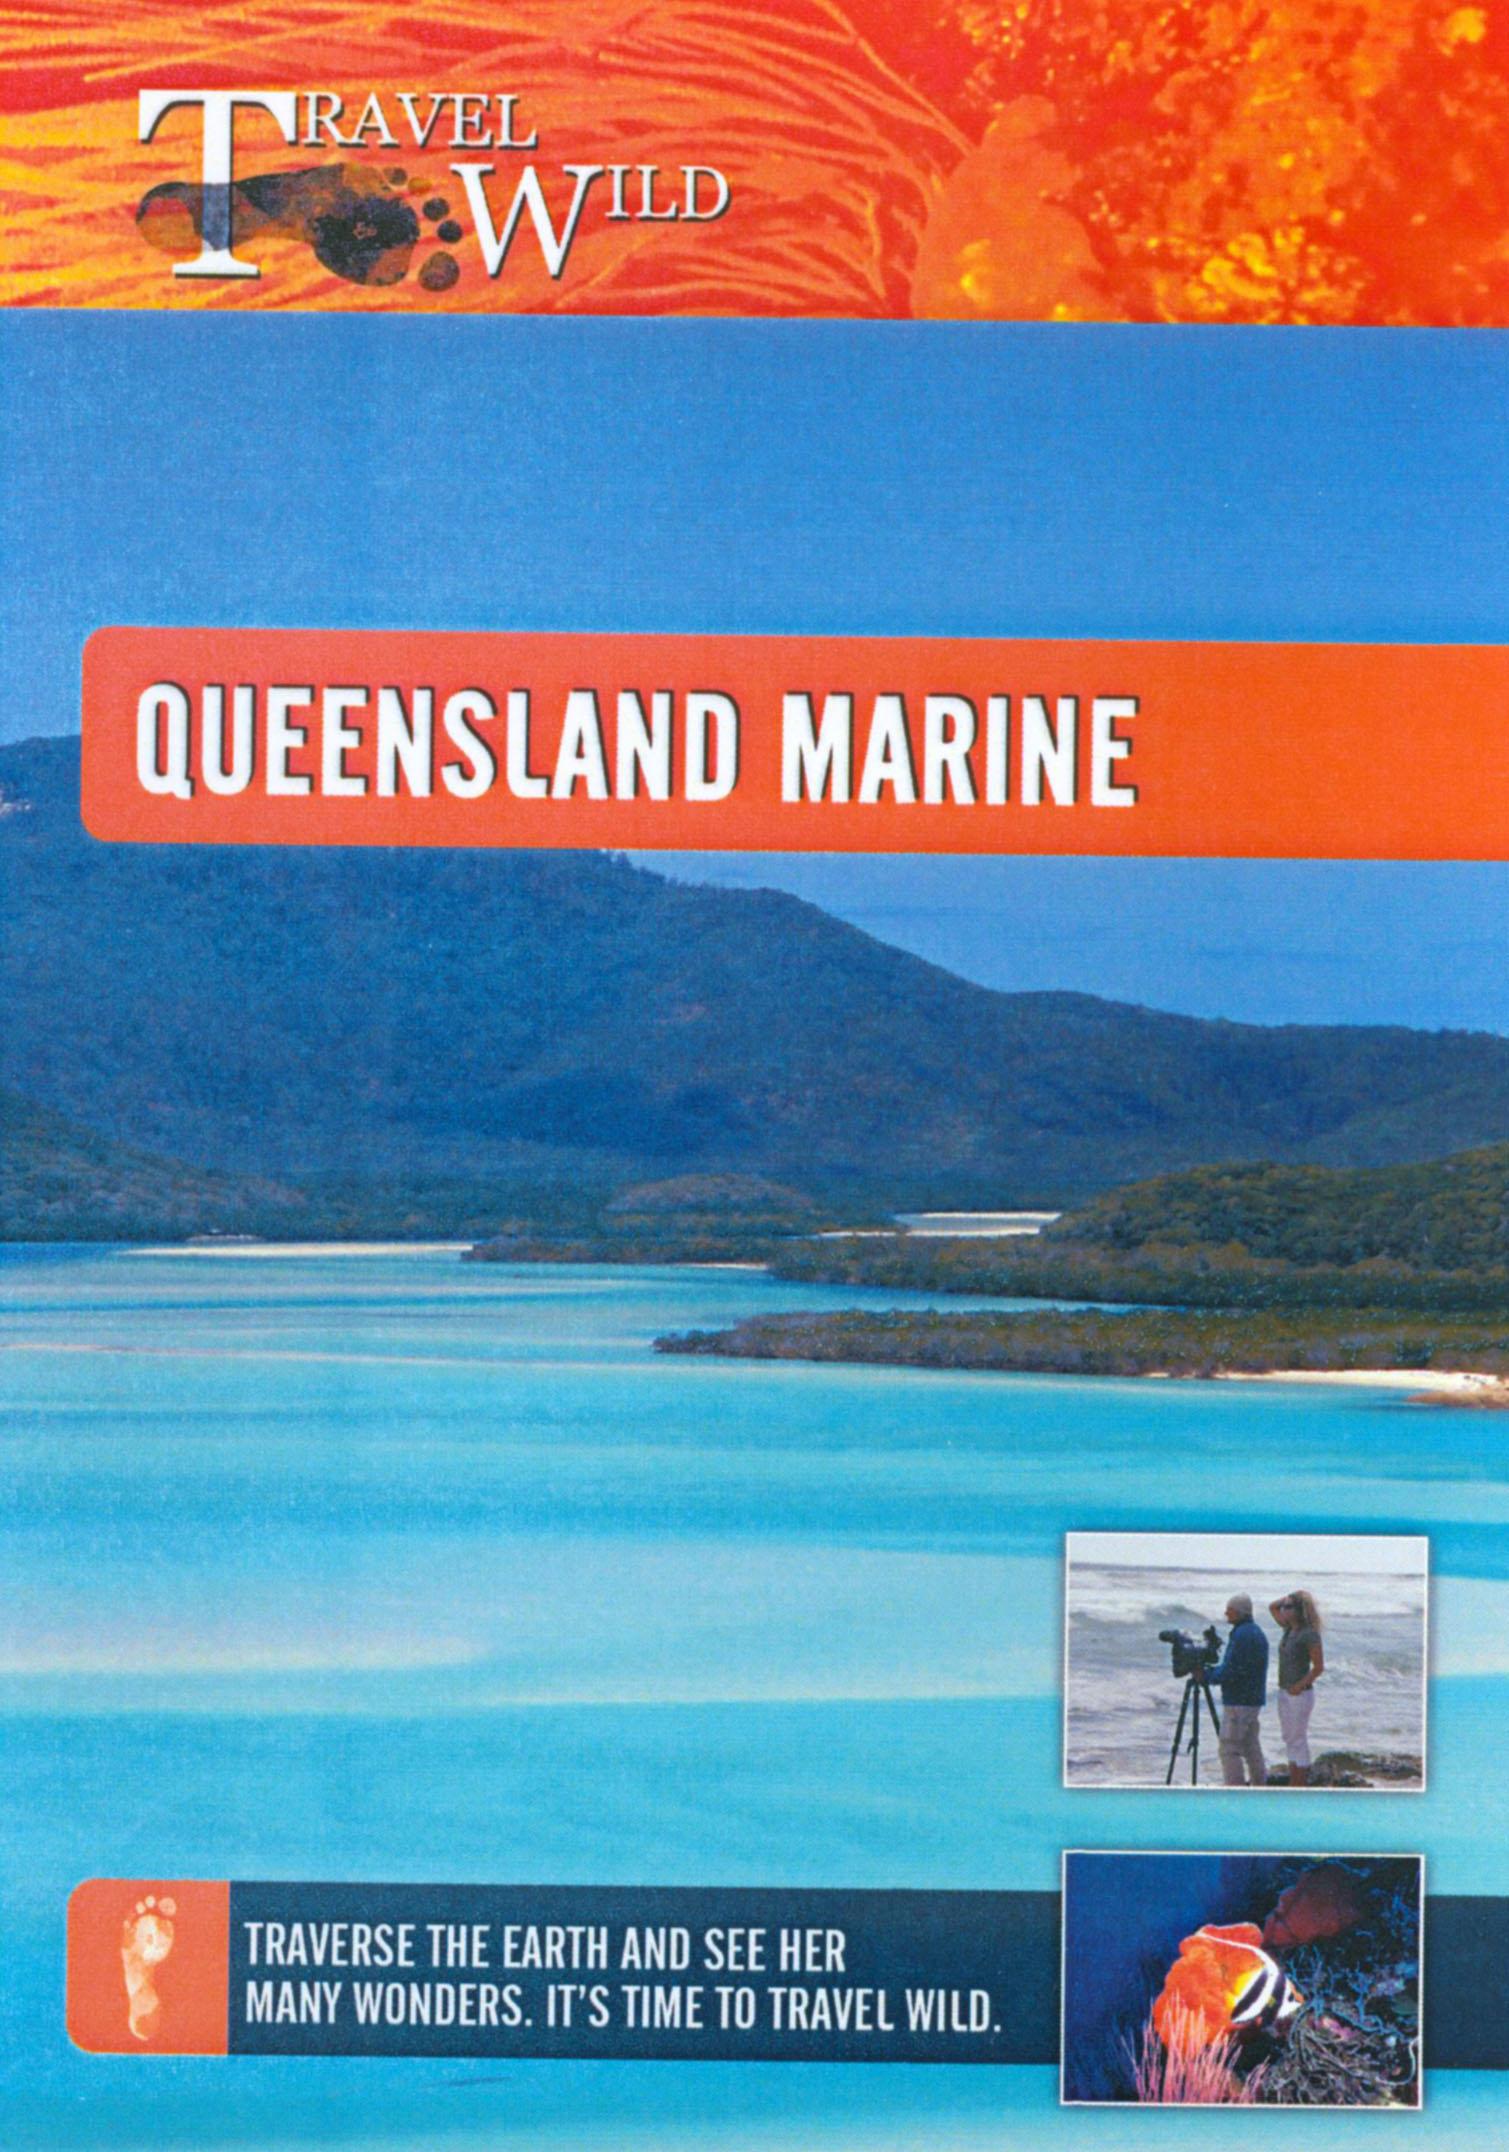 Travel Wild: Queensland Marine